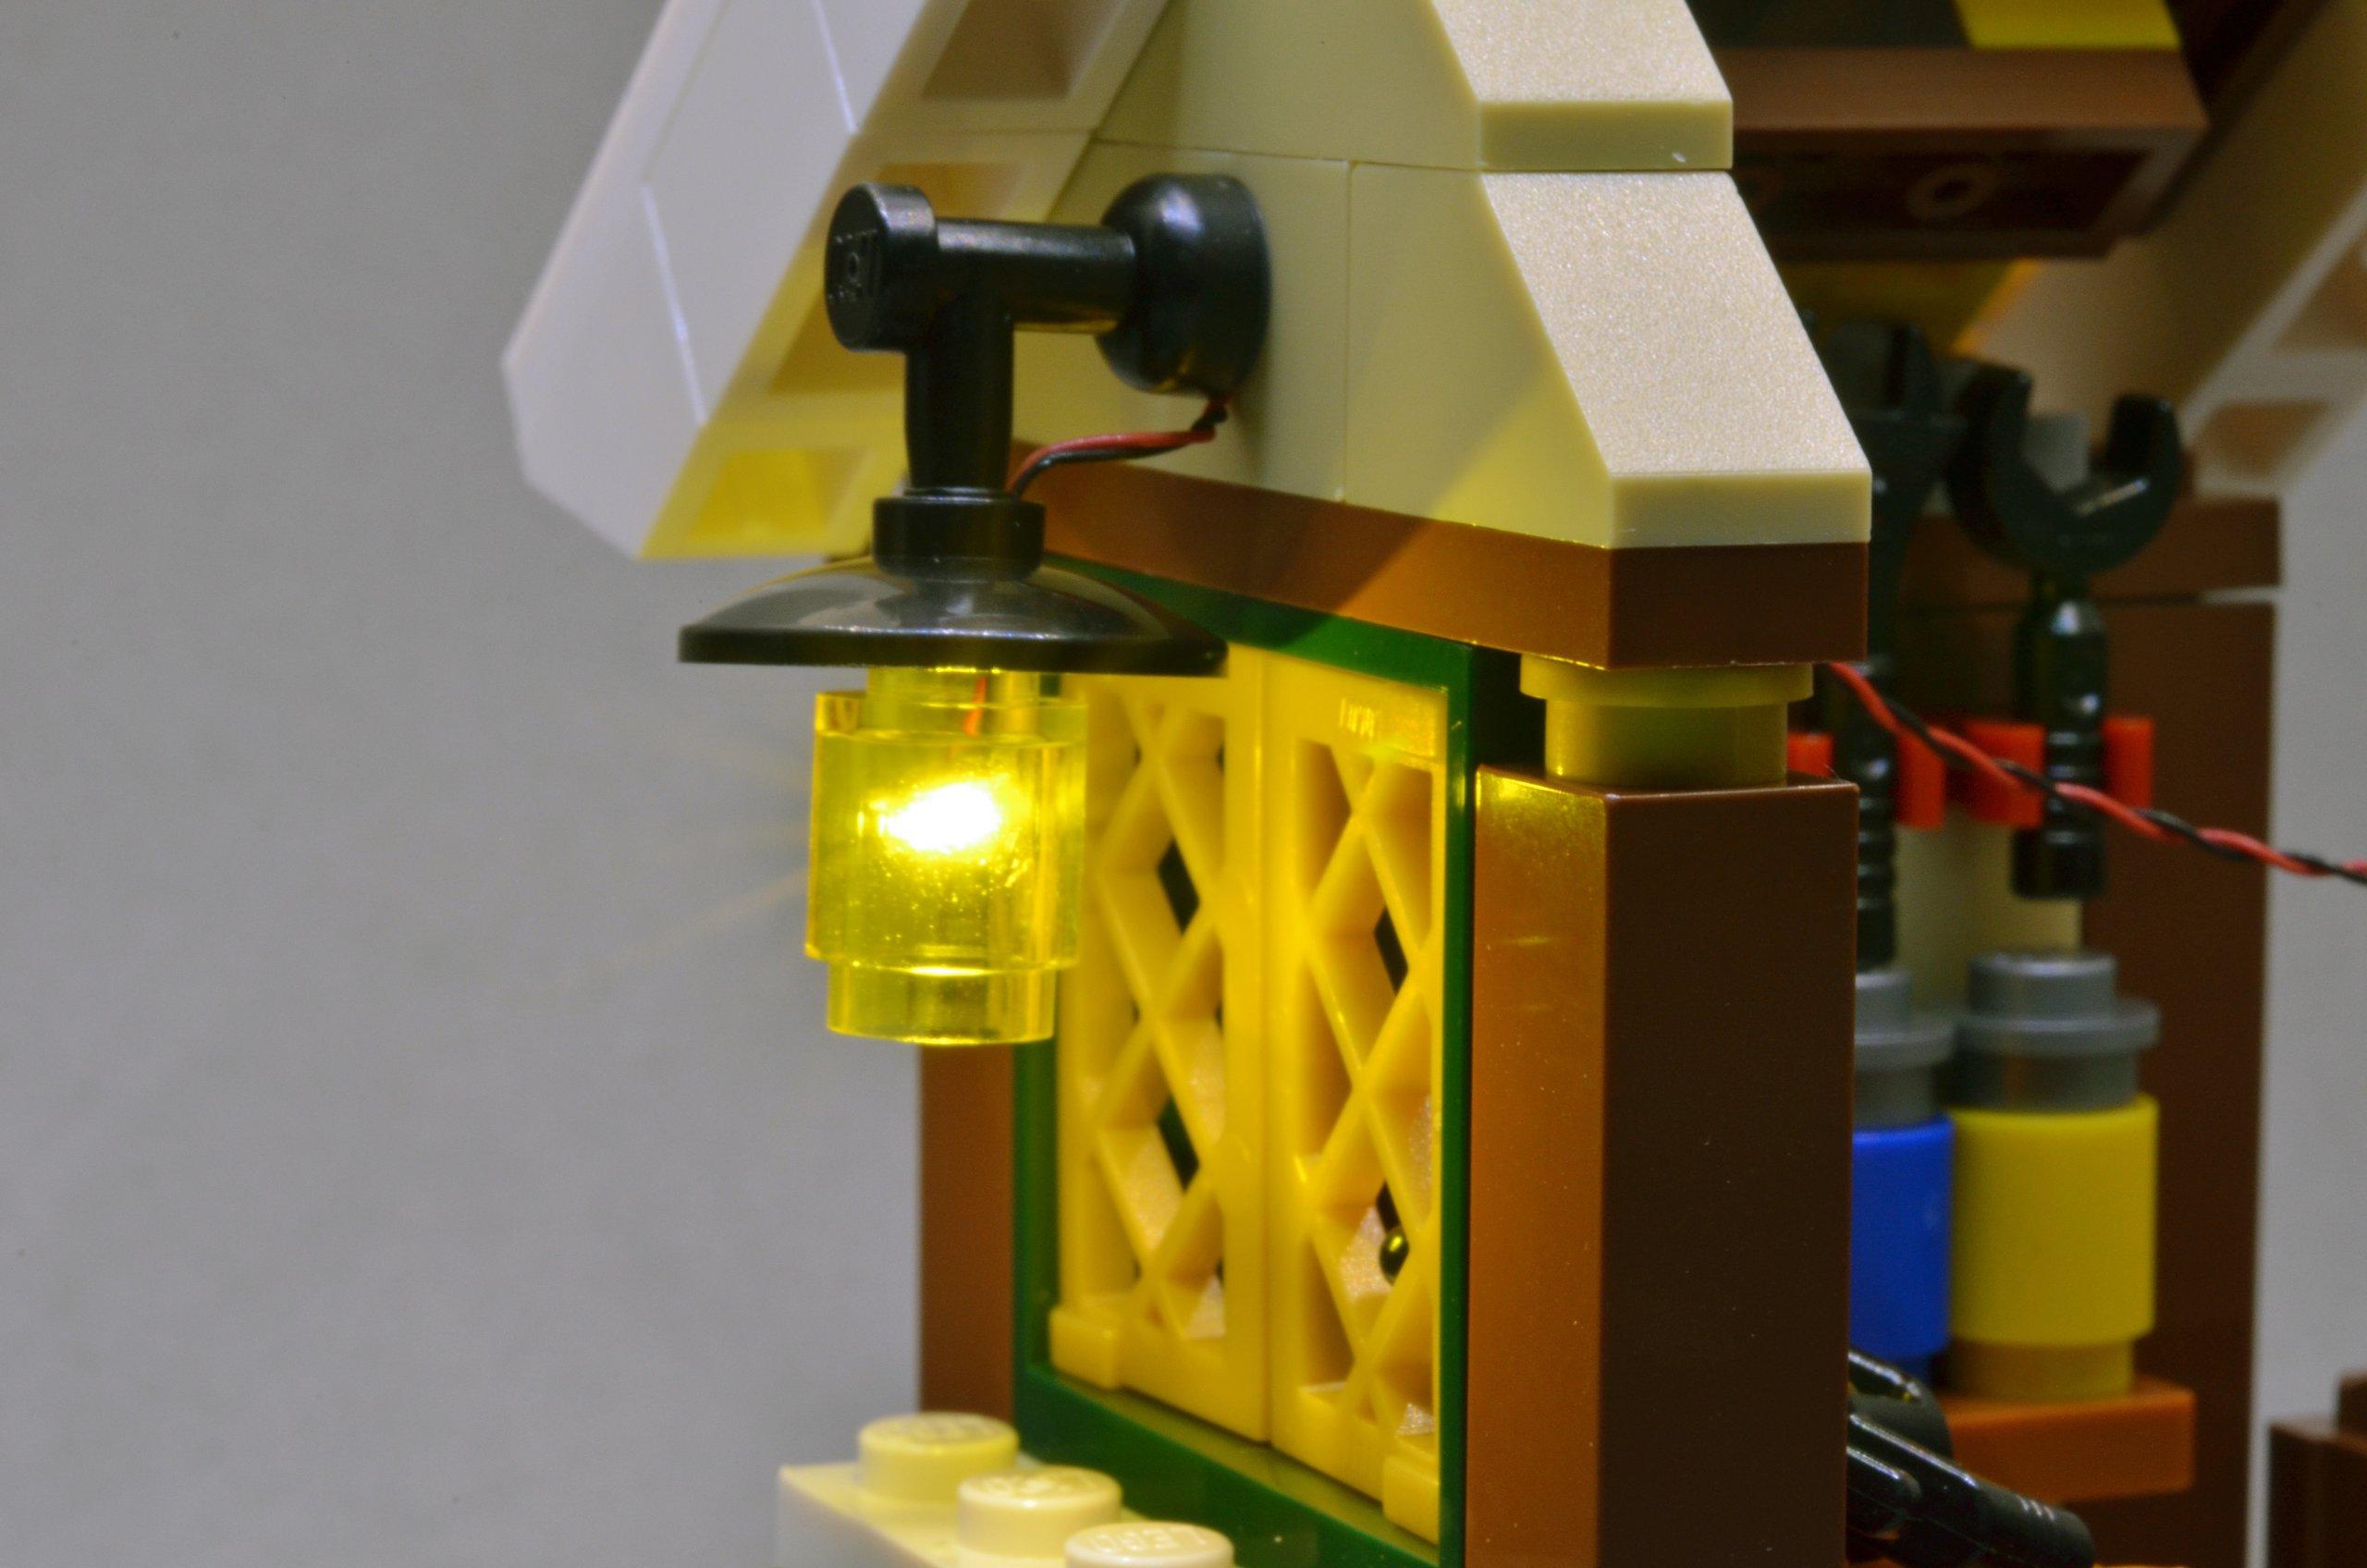 lighting effect starter kit for lego models from brickstuff on tindie. Black Bedroom Furniture Sets. Home Design Ideas